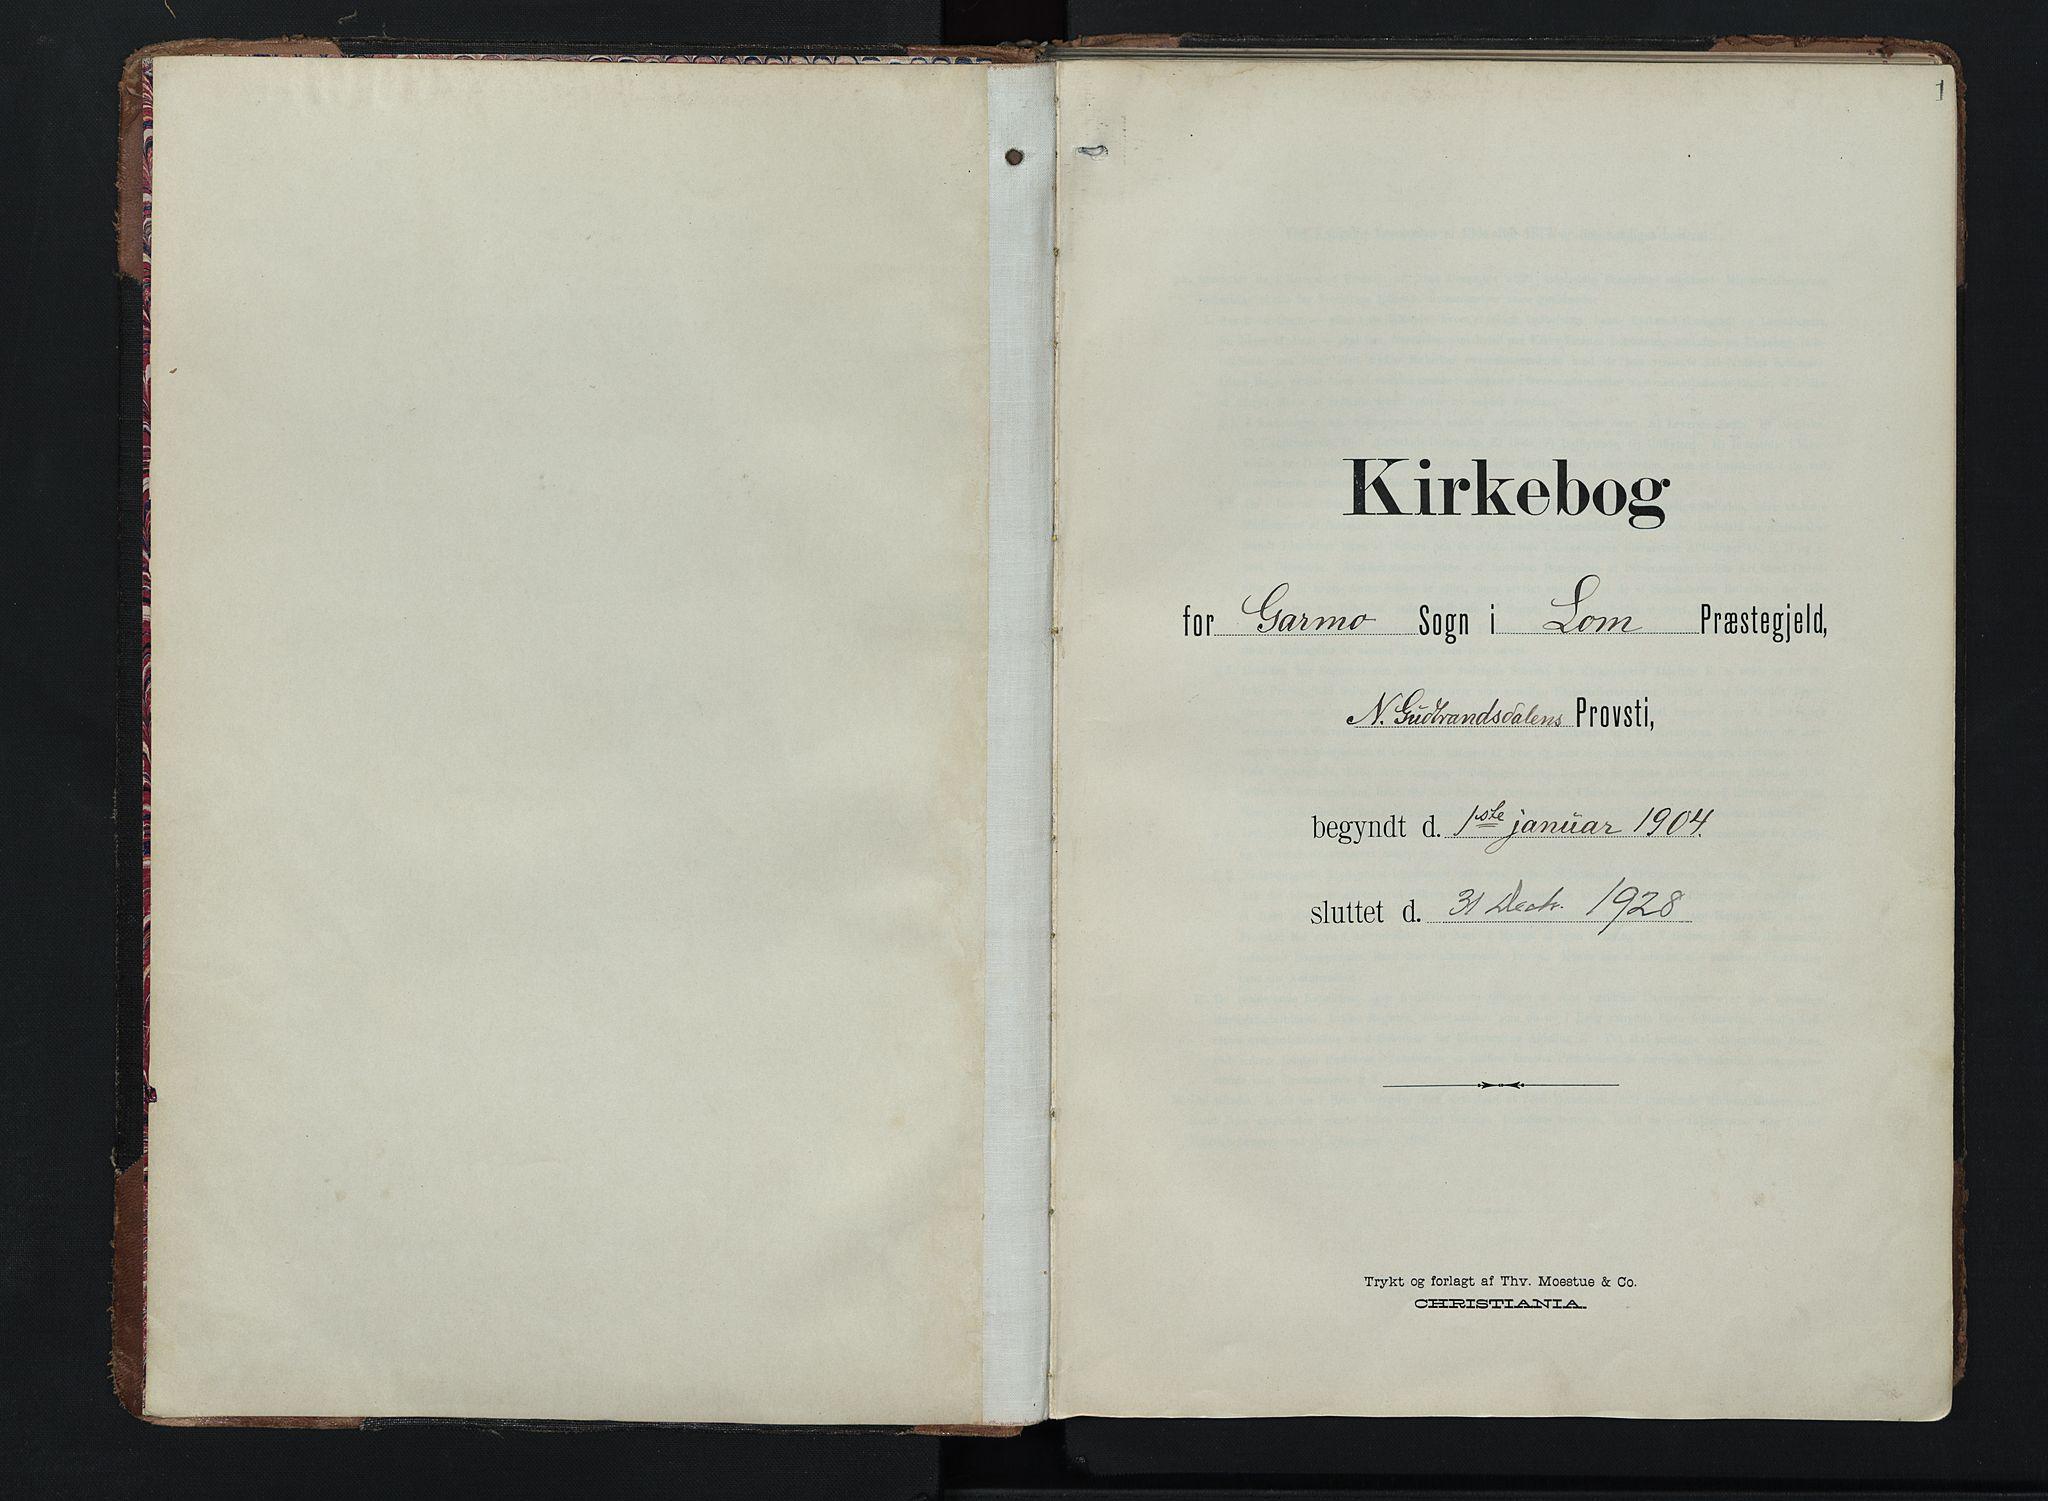 SAH, Lom prestekontor, K/L0011: Ministerialbok nr. 11, 1904-1928, s. 1